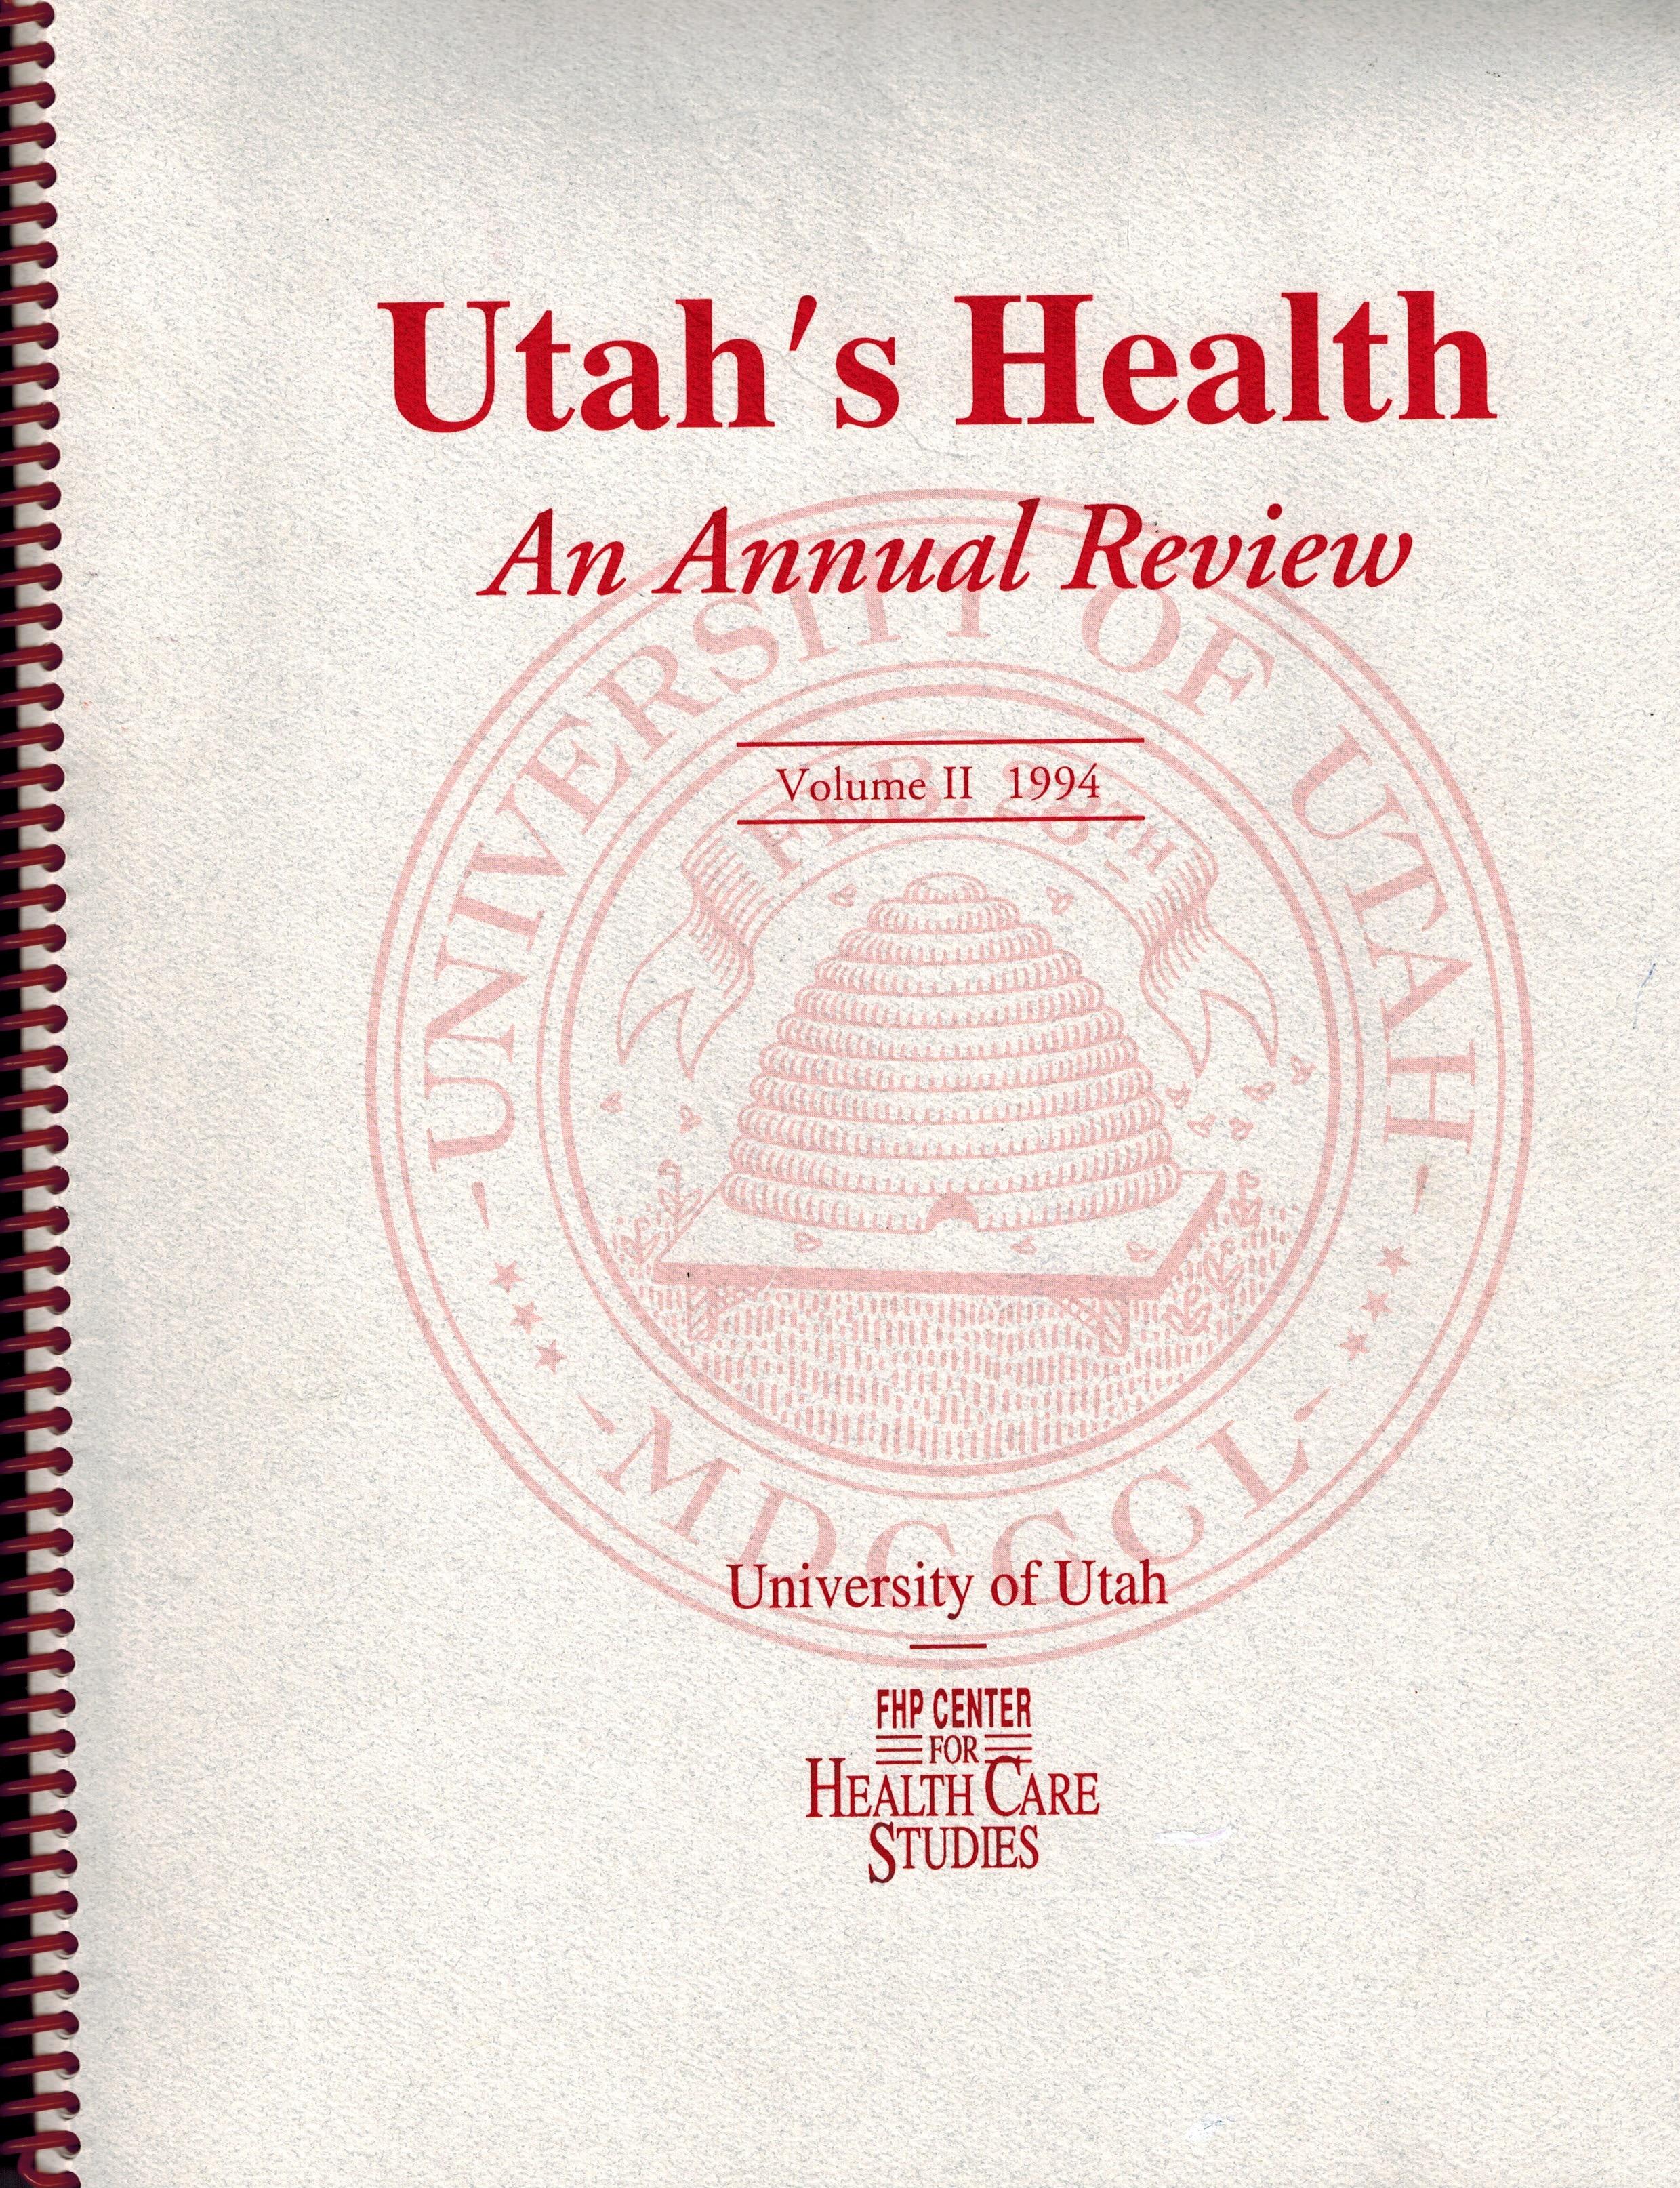 Utah's Health cover